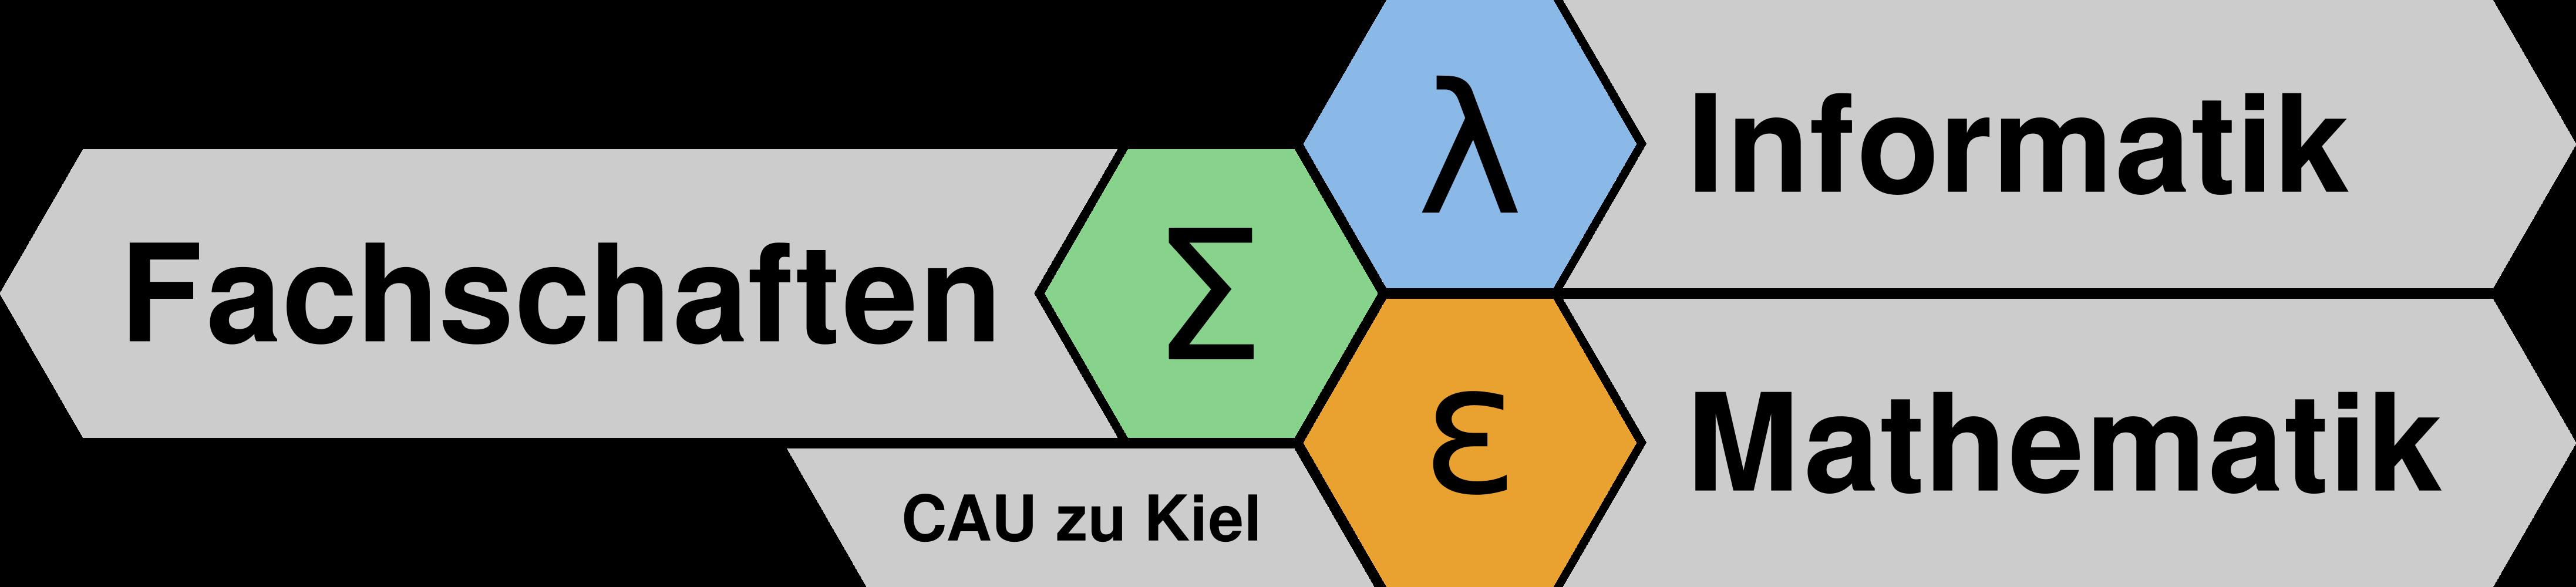 Fachschaften Informatik & Mathematik